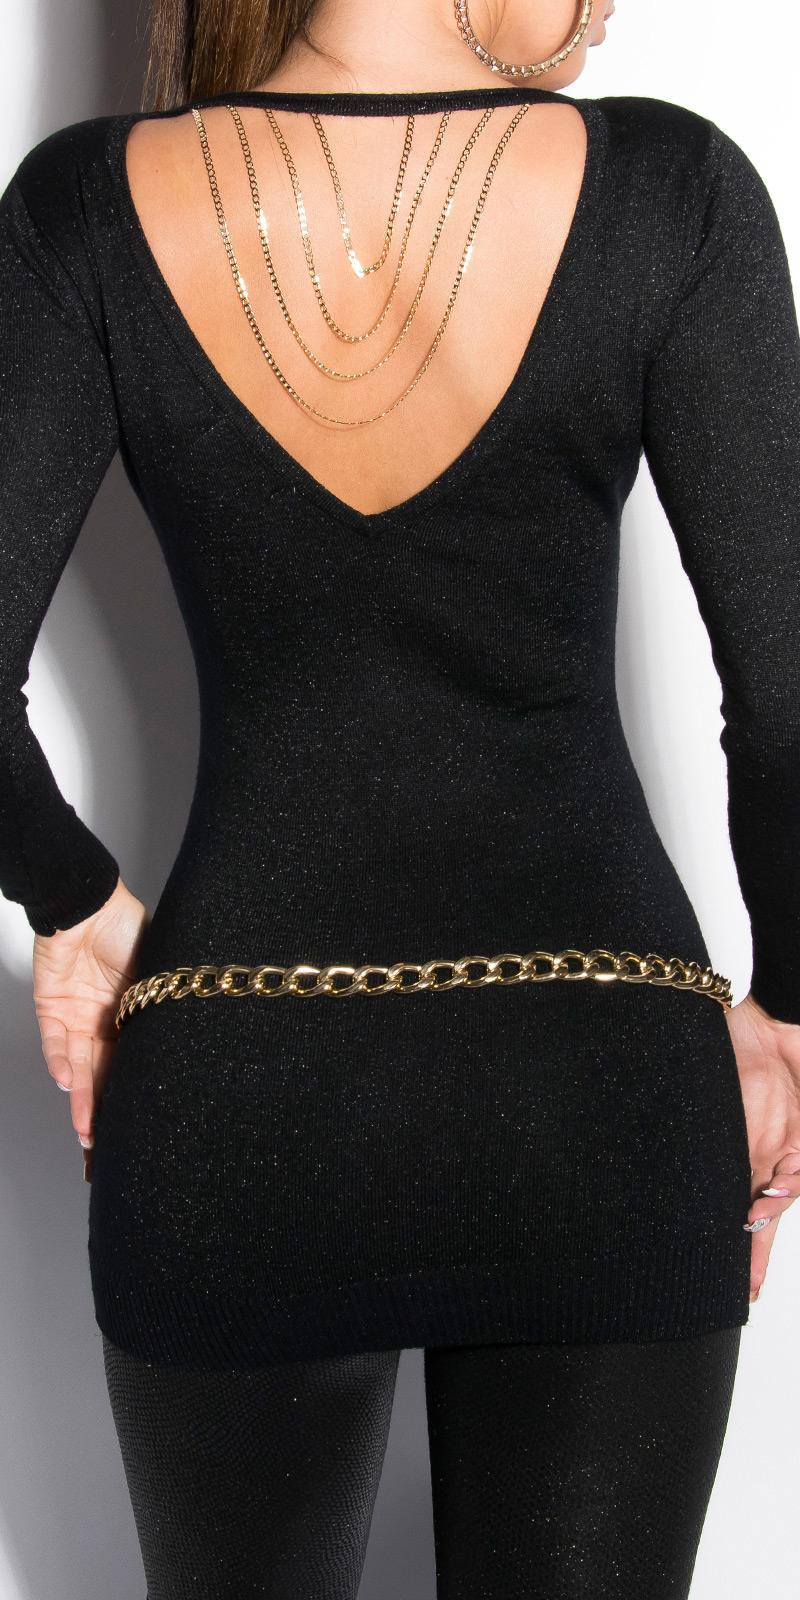 Dámský dlouhý svetr Koucla s řetízkem černá (Dámský svetr)